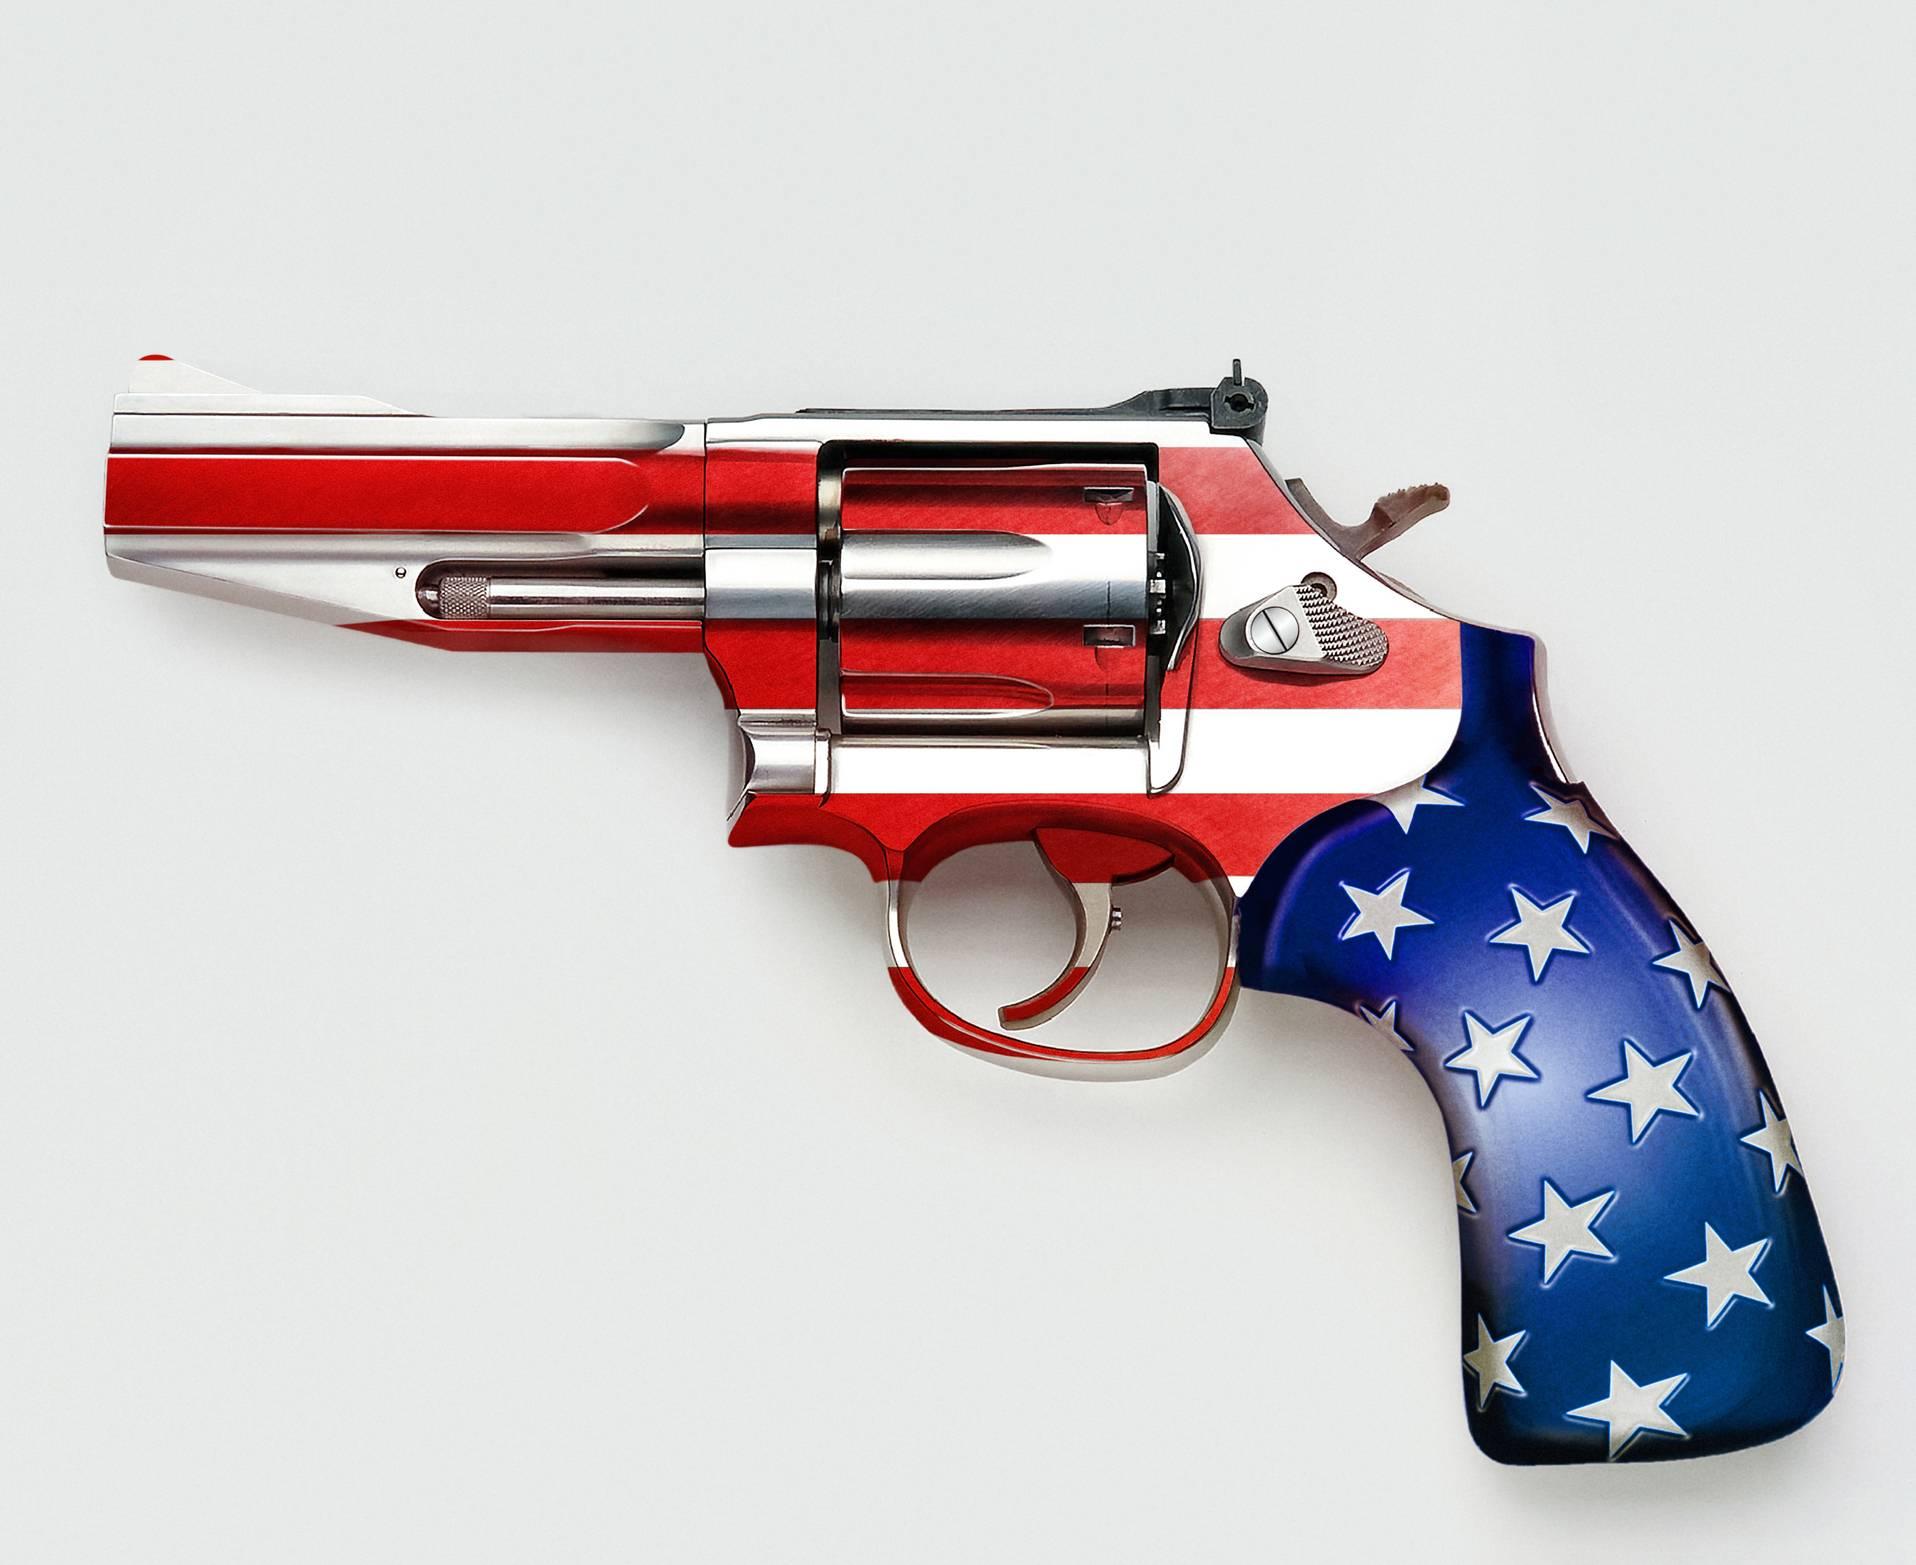 購槍等于安全感?美國大選年,購槍率正瘋狂飆升